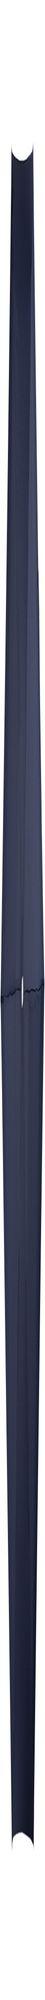 Складной зонт Alu Drop, 3 сложения, механический, синий